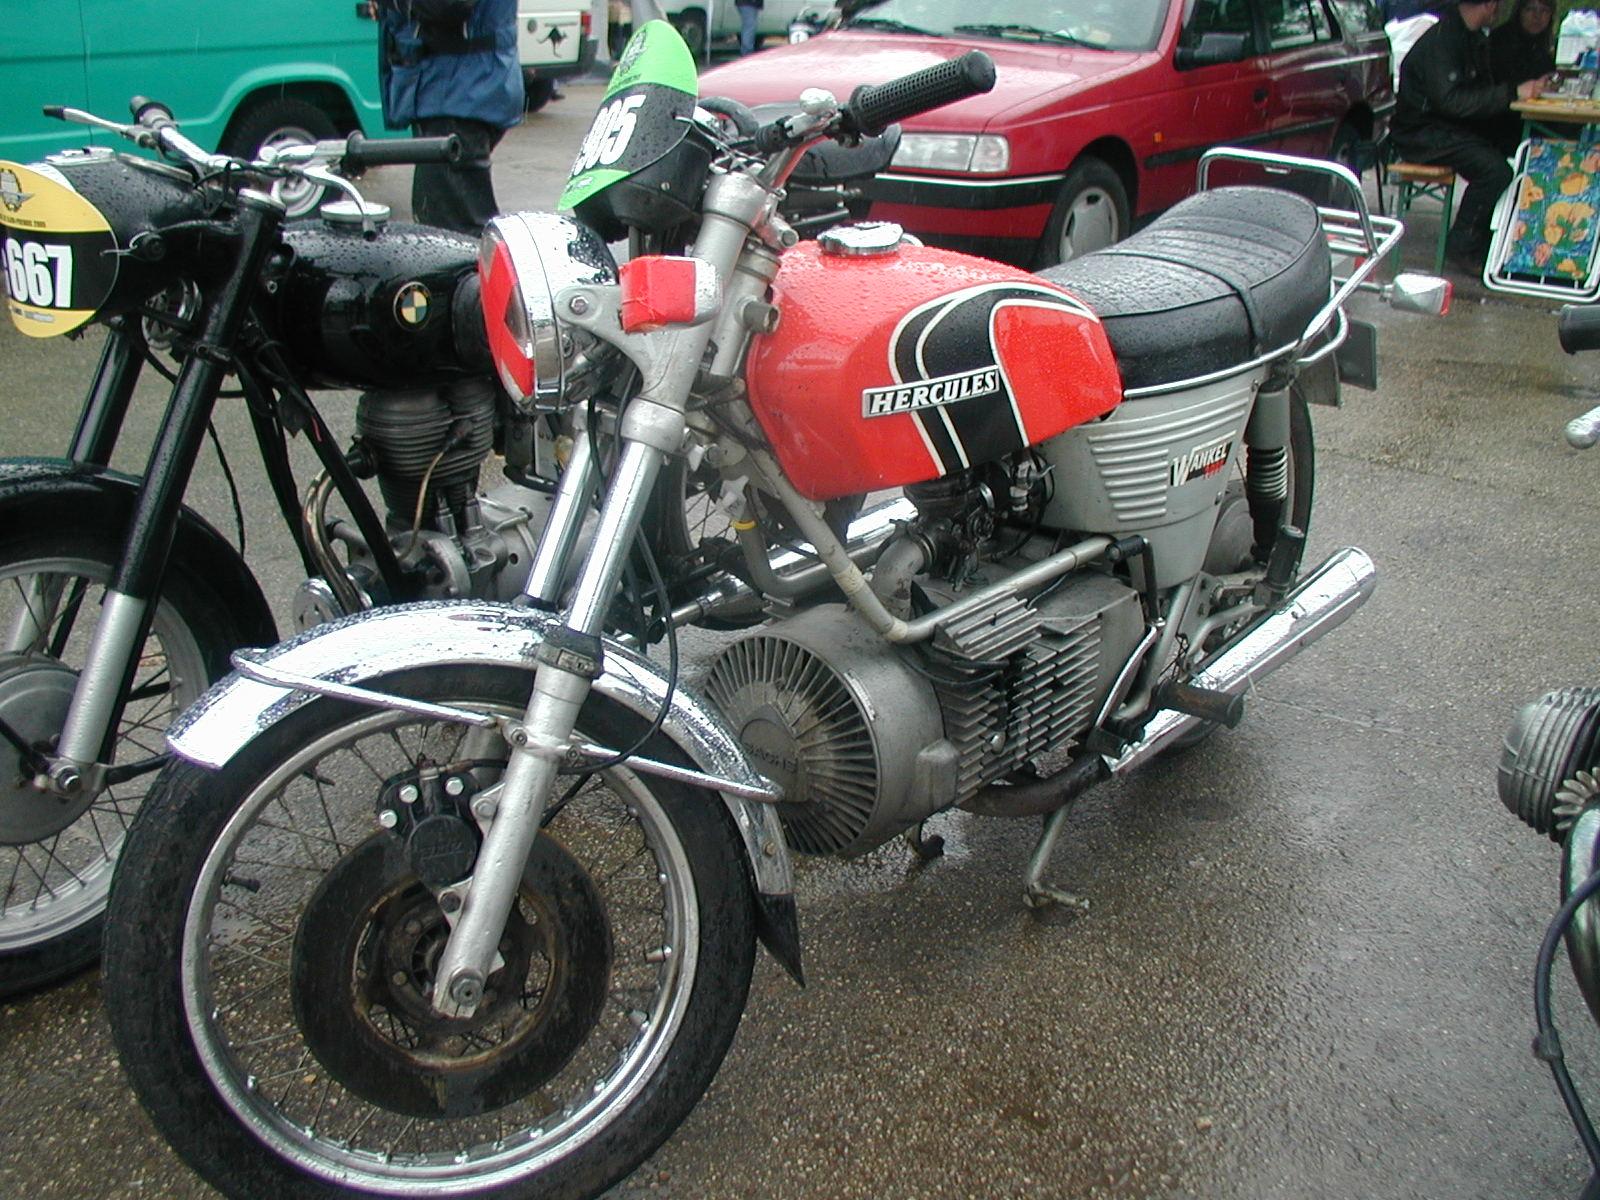 Yamaha Part D Wsa